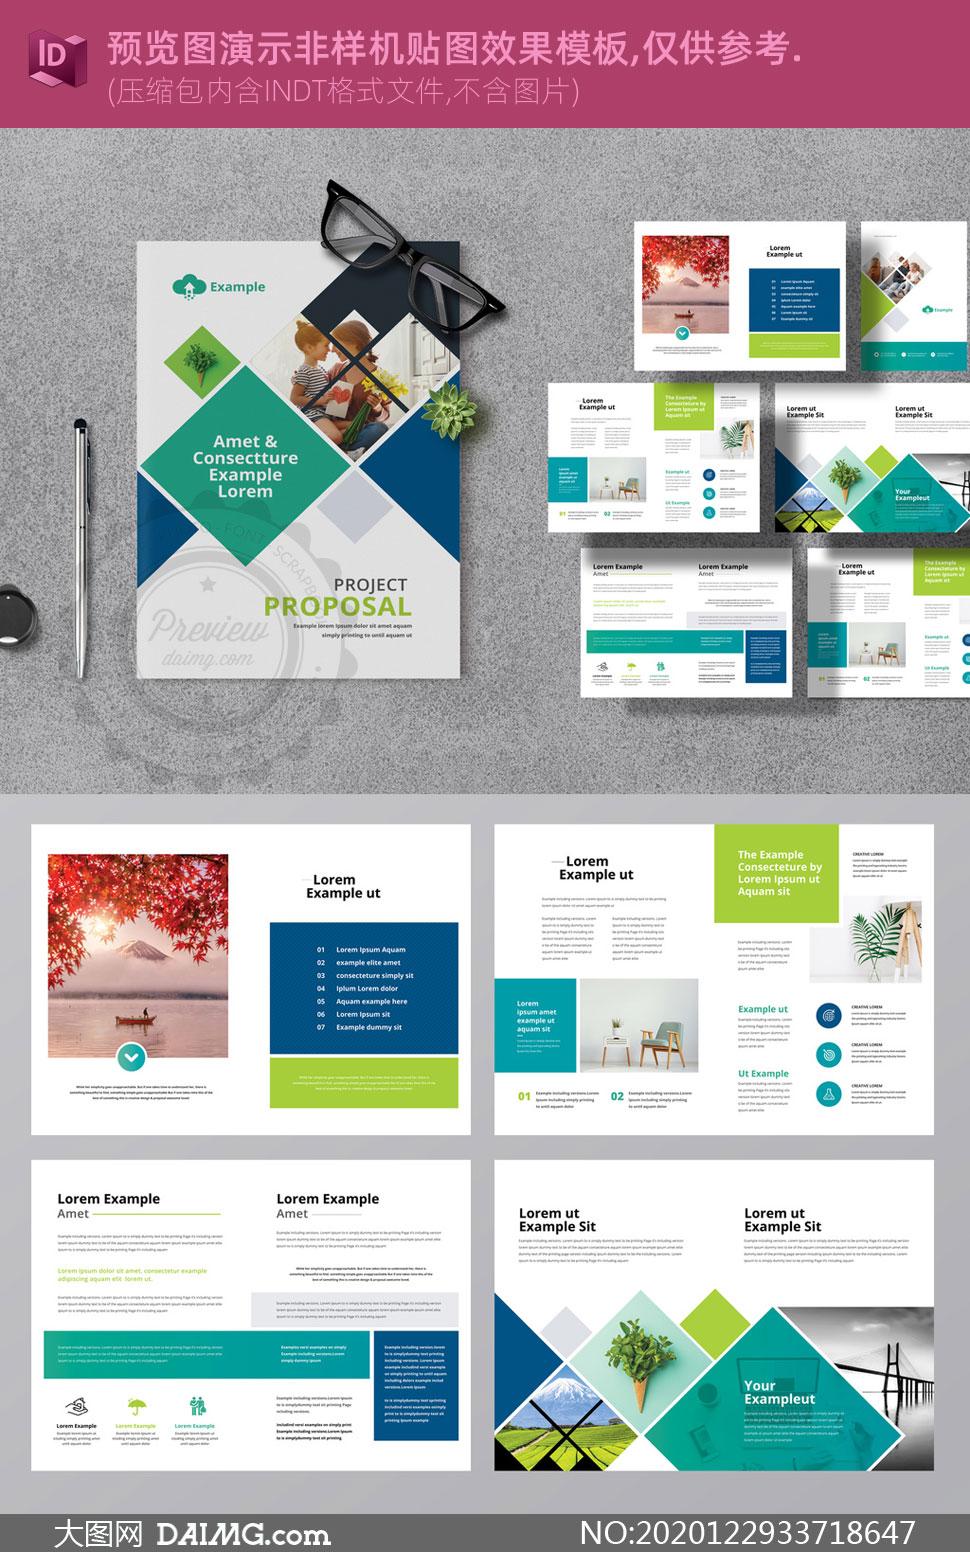 公司项目提案画册页面布局设计模板